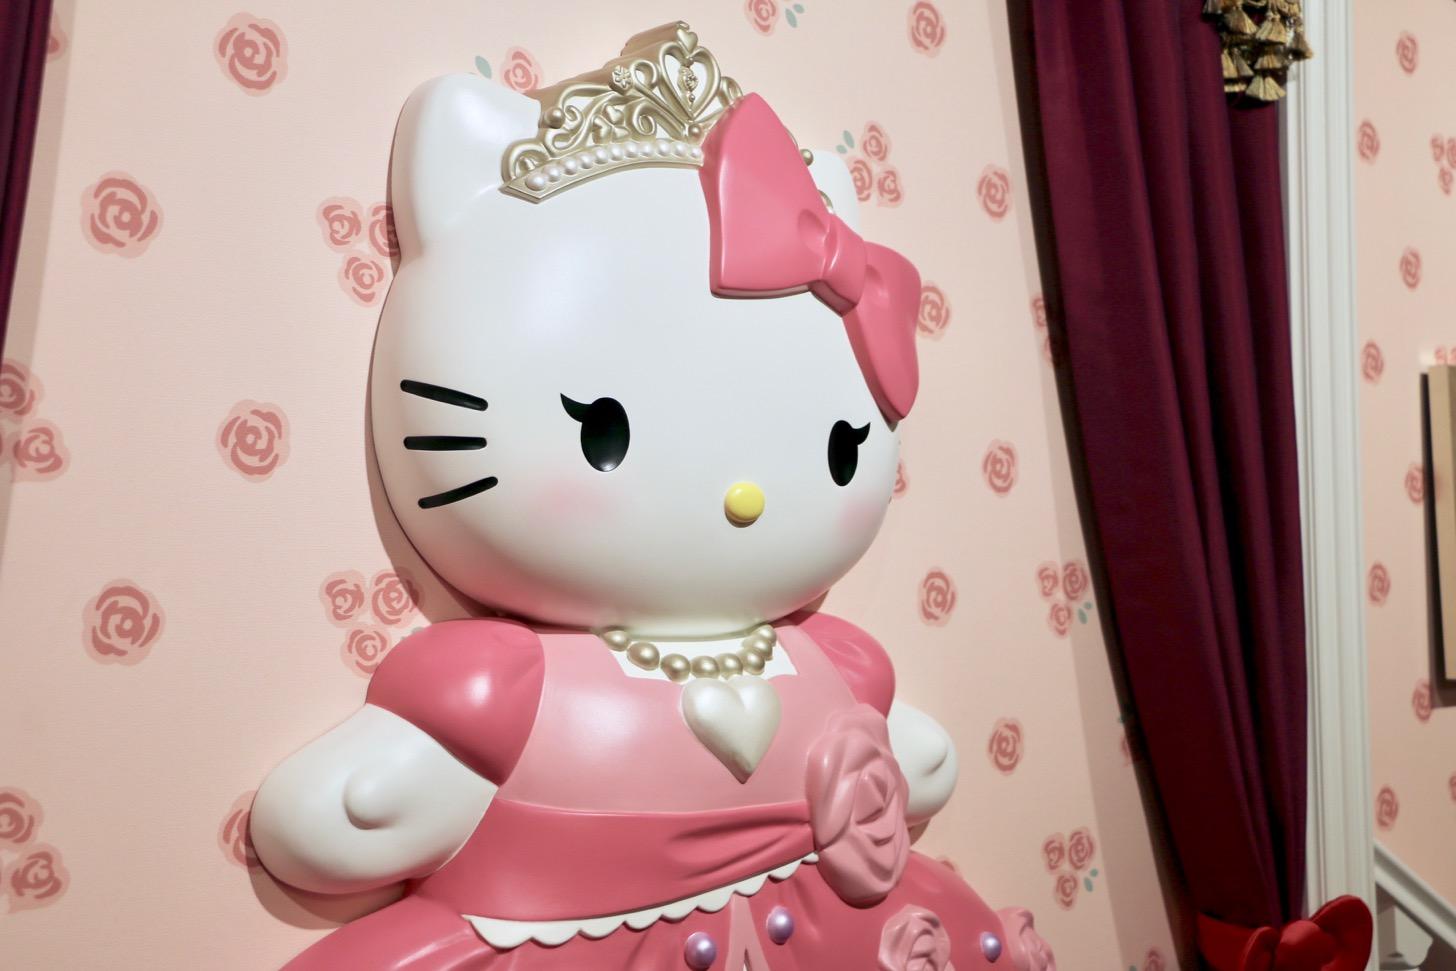 長いまつげとほんのりピンクのチークが特徴の「プリンセスキティ」